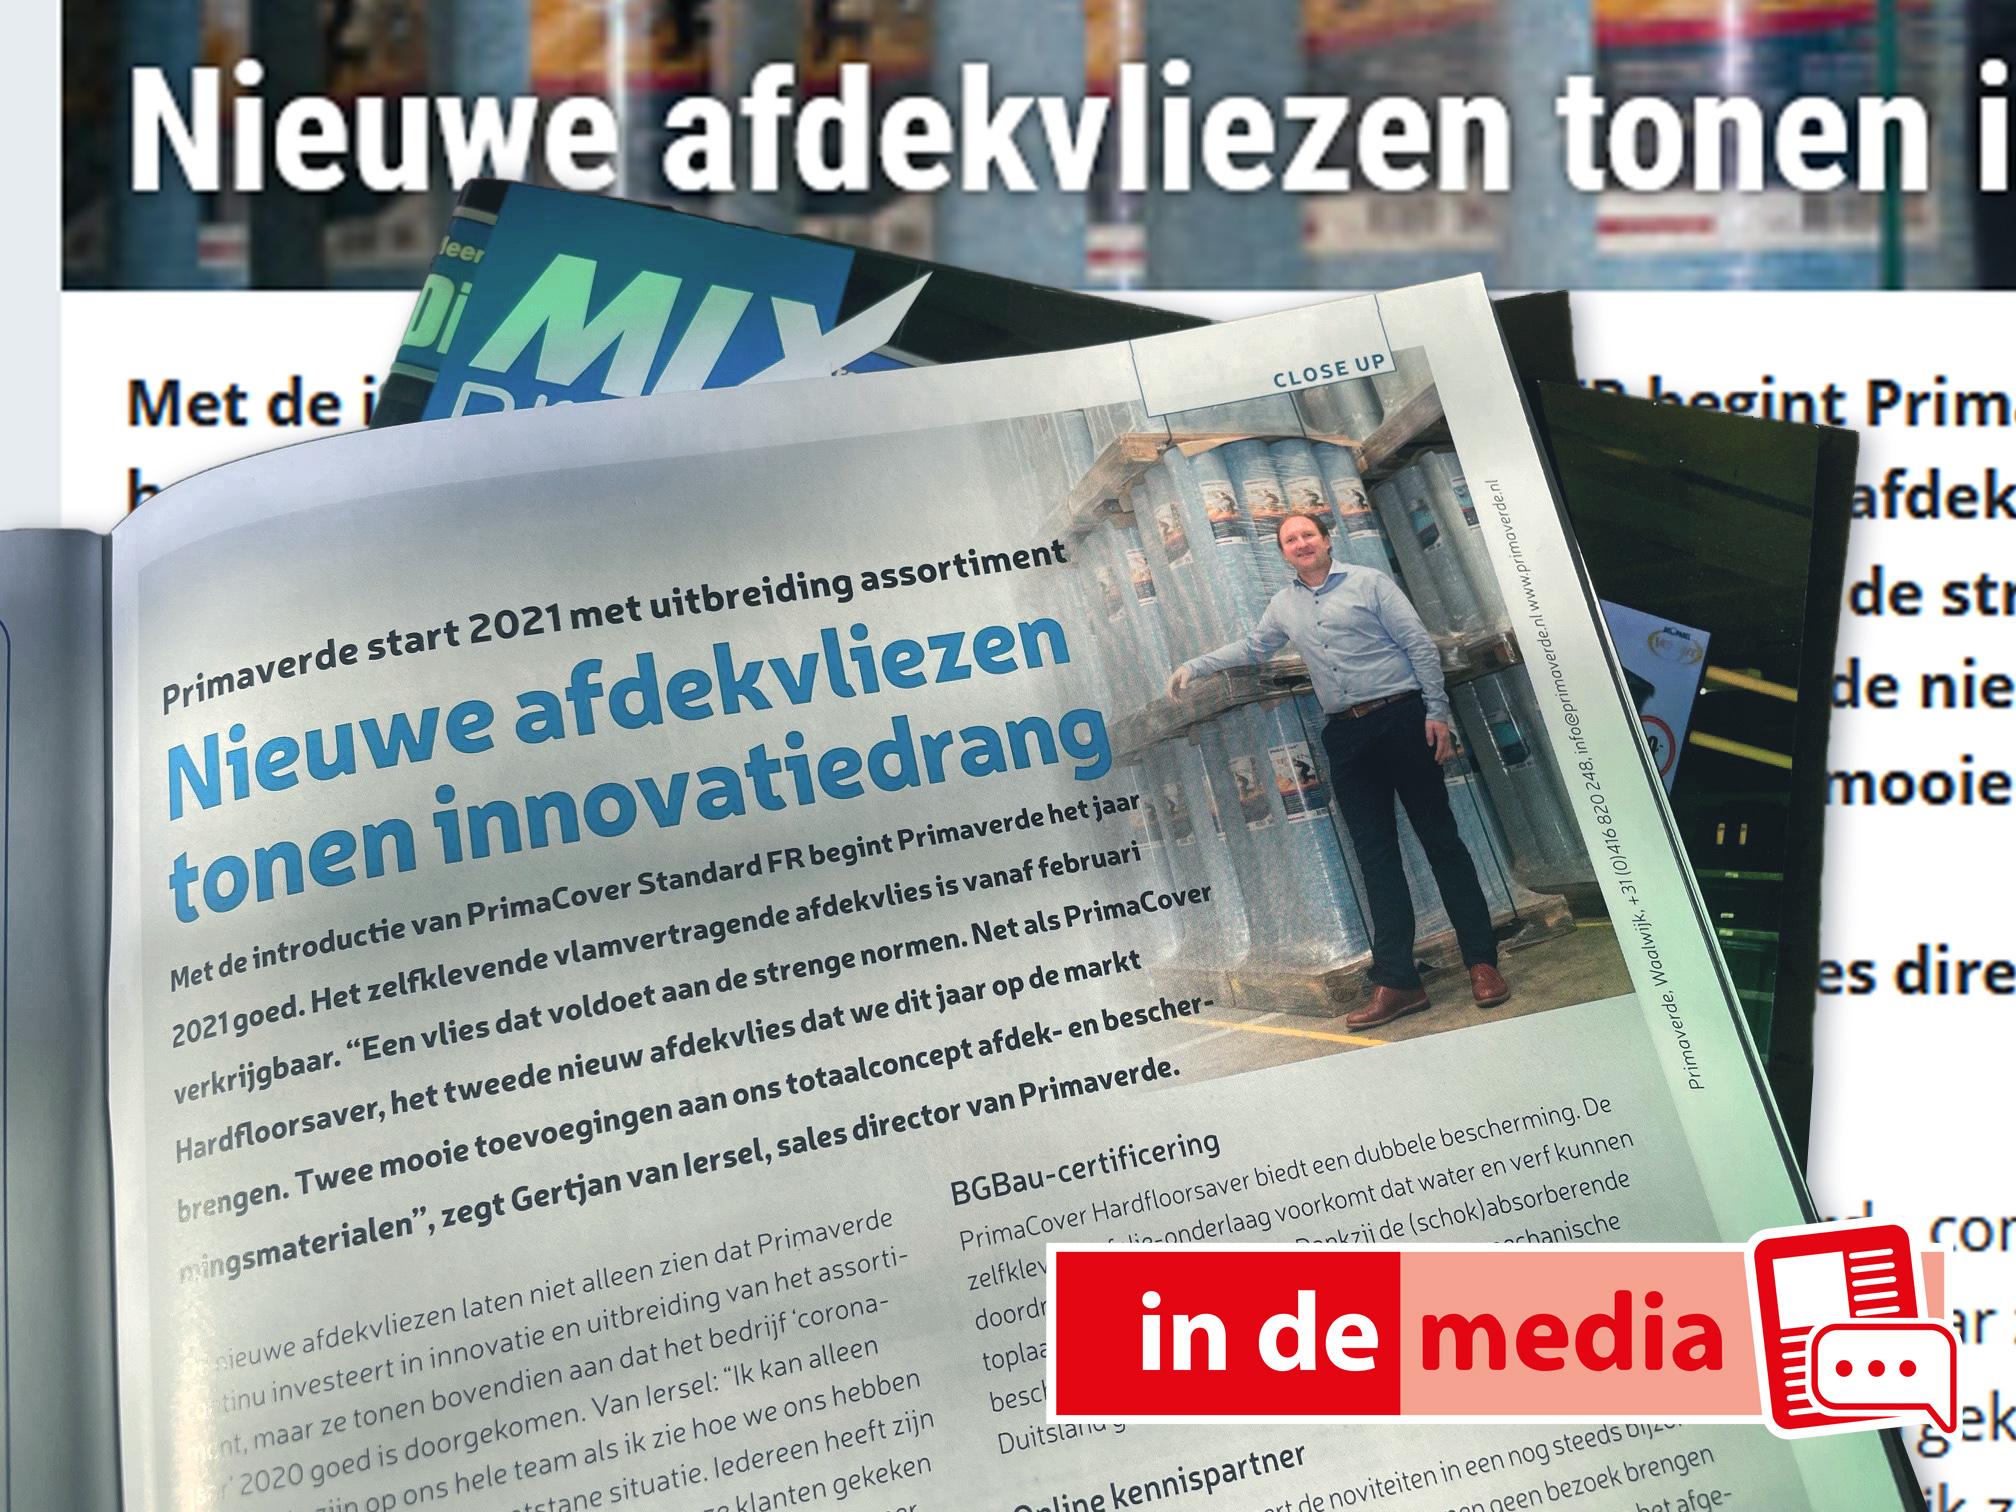 Primaverde_indemedia_MIXpro_MIXonline_feb2021_Gertjan_van_Iersel